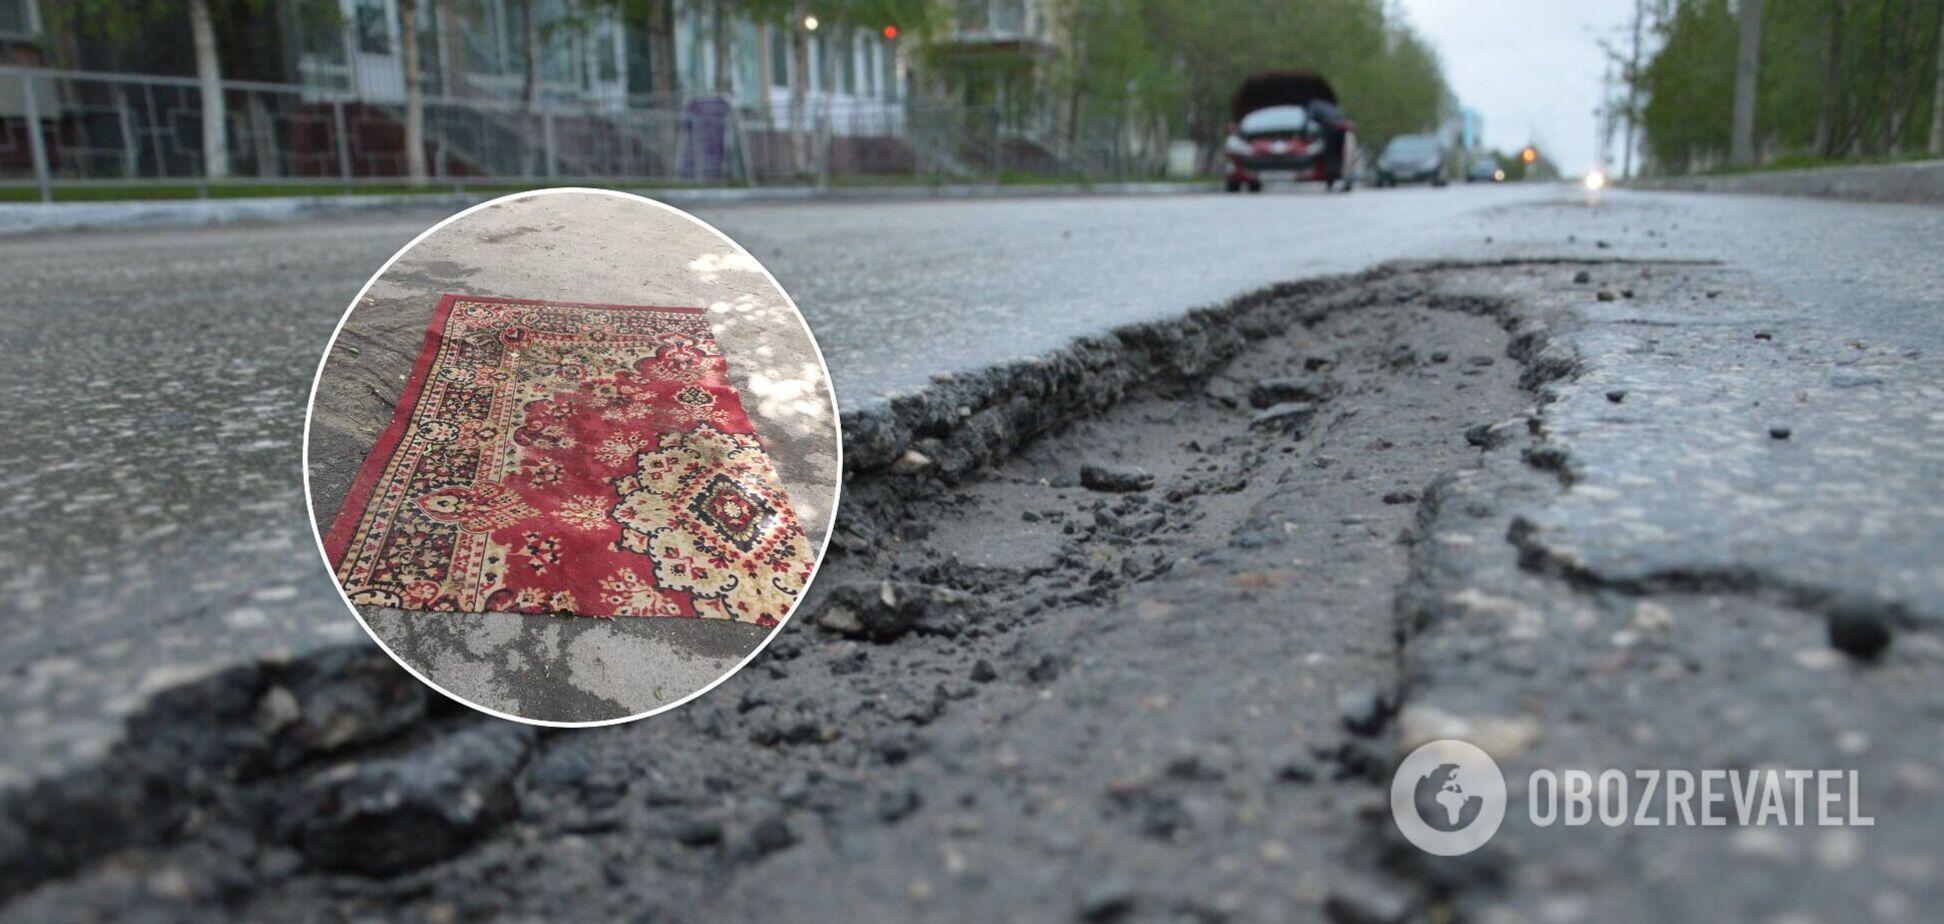 Необычный «ремонт» заметили на улице Волынской, 8